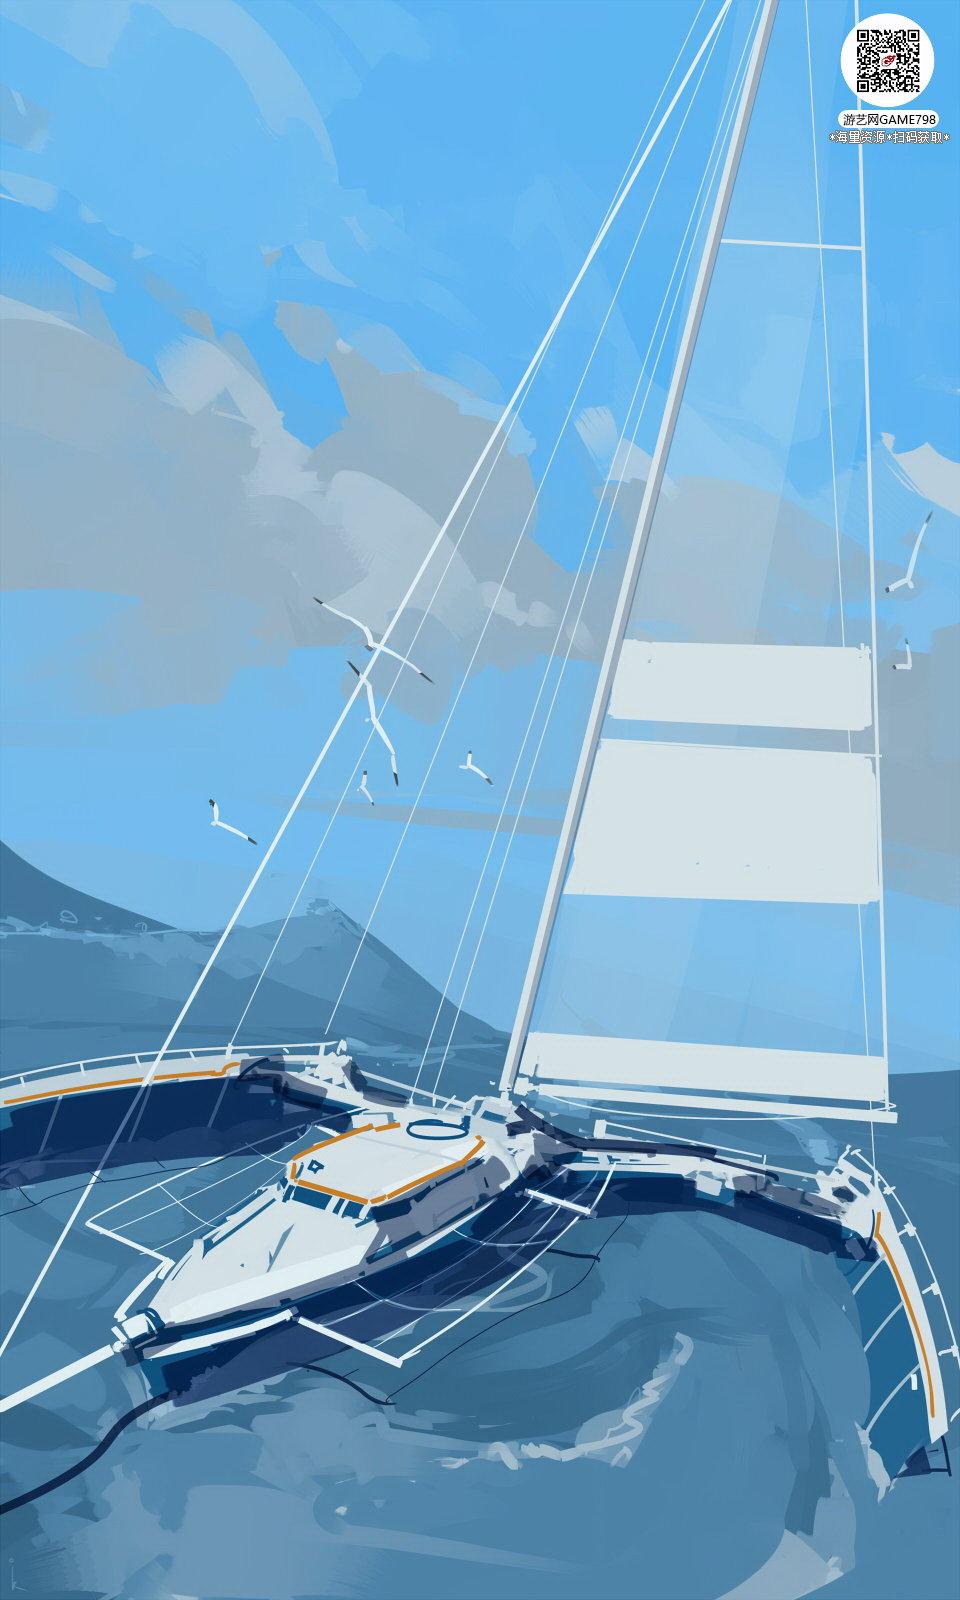 040_关注游艺网公众号获海量资源_风格独特的原画概念设定Q版卡通风格异世界科幻风格设计.jpg